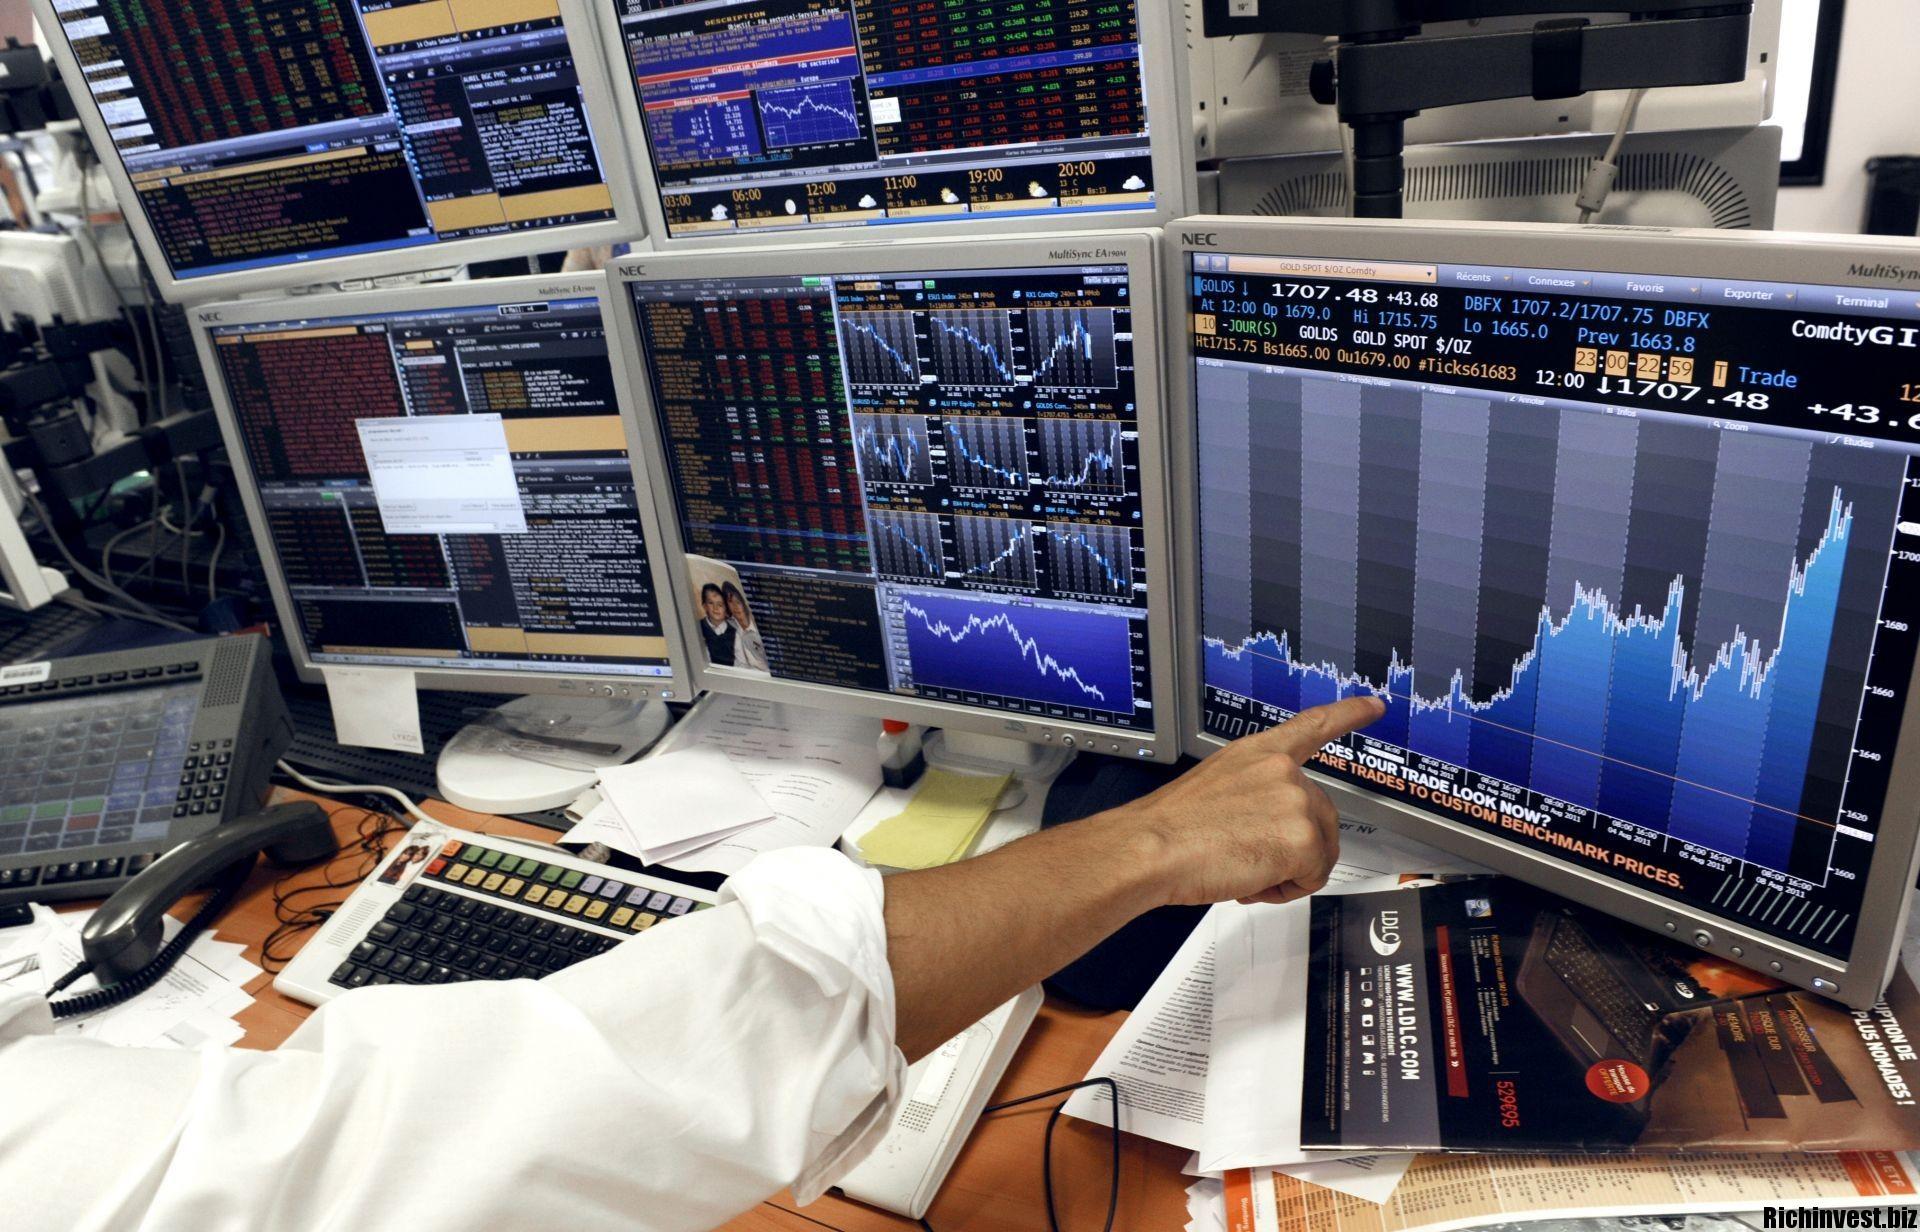 Торговля на финансовых рынках робот gold форекс